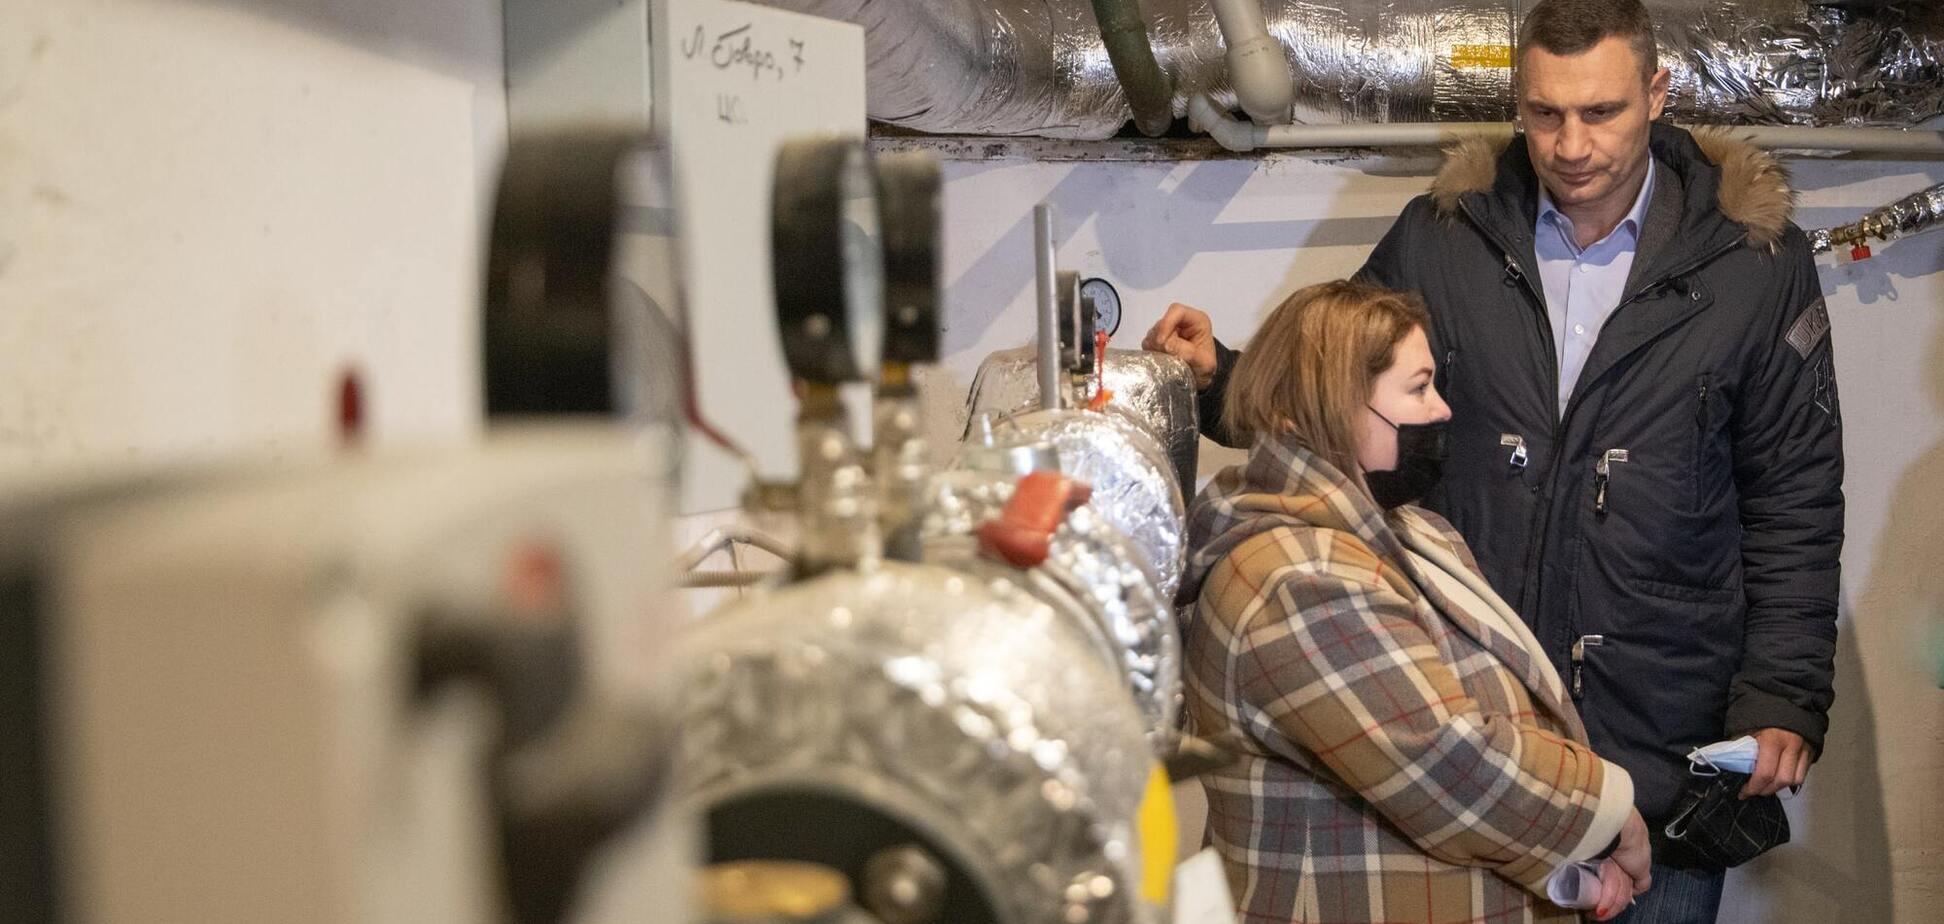 Кличко рассказал, как сэкономить на платежках за тепло до 40%